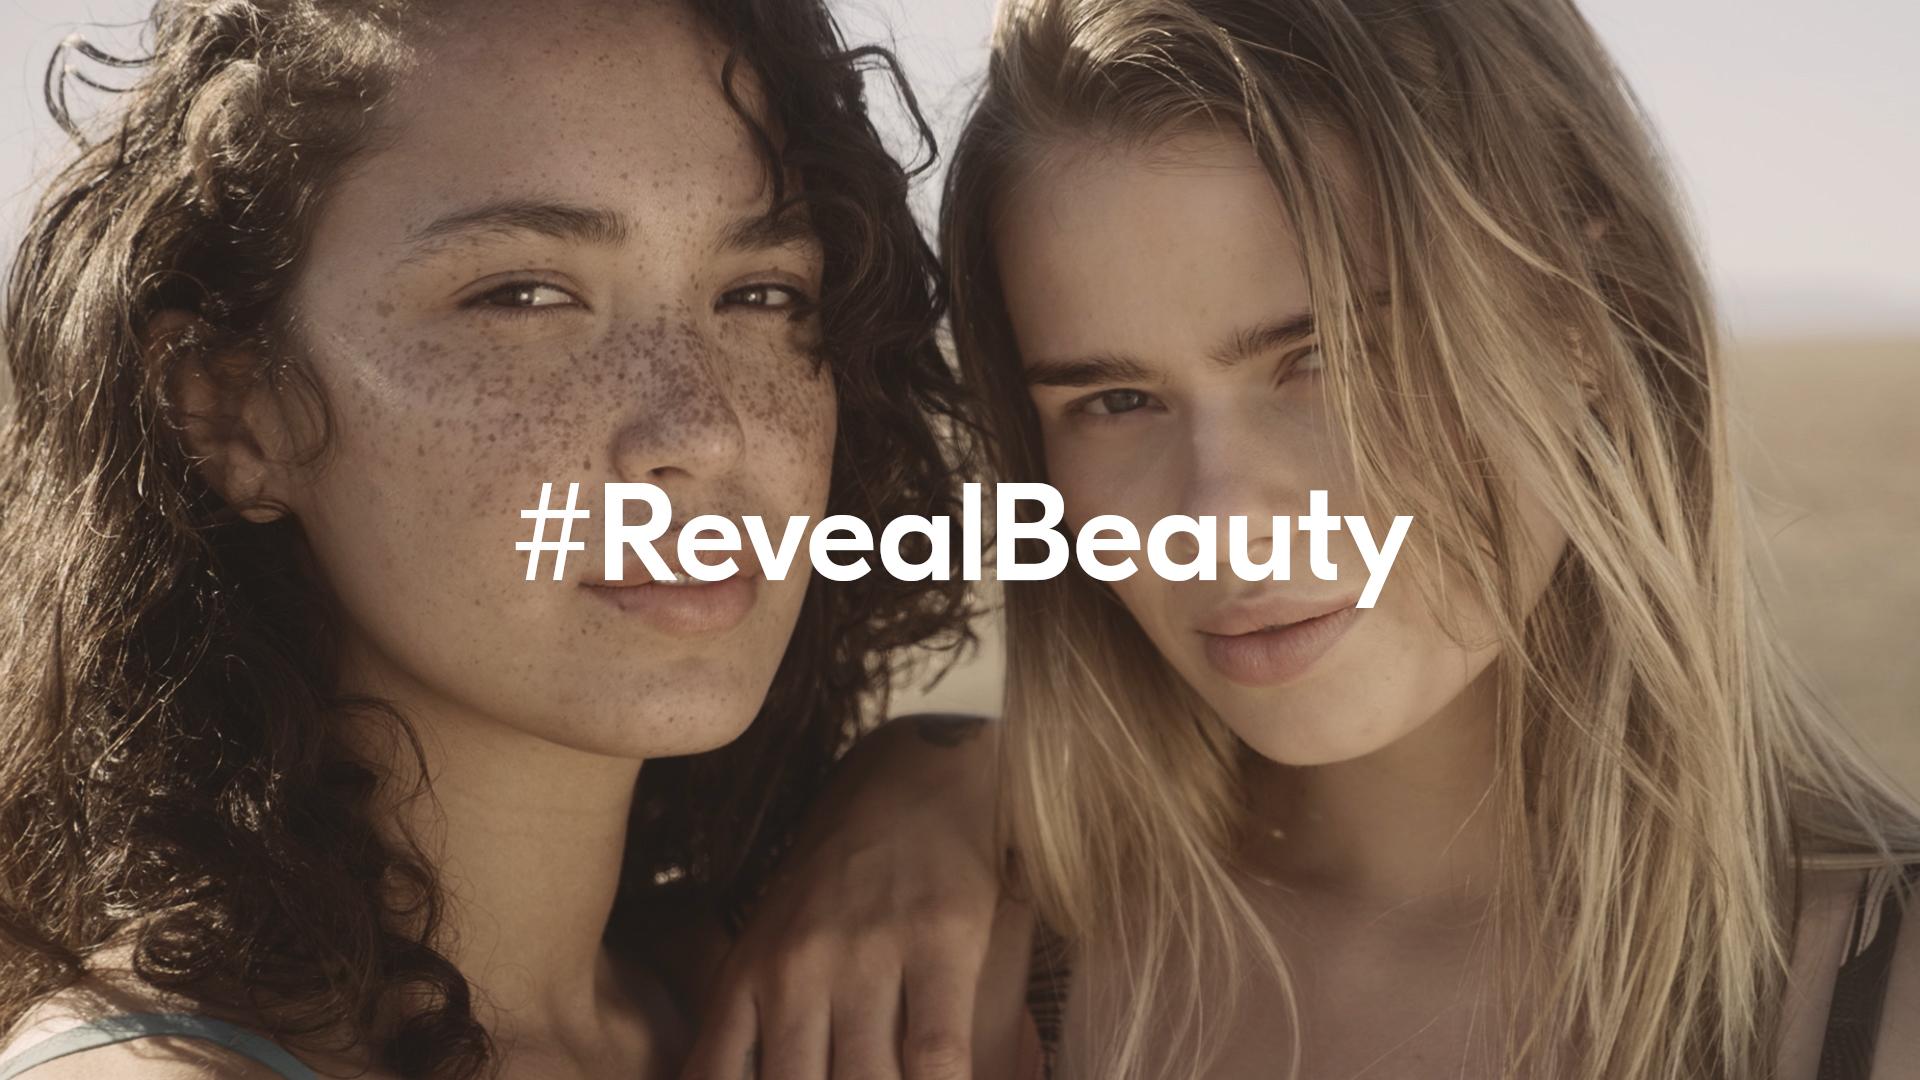 Livera | #RevealBeauty